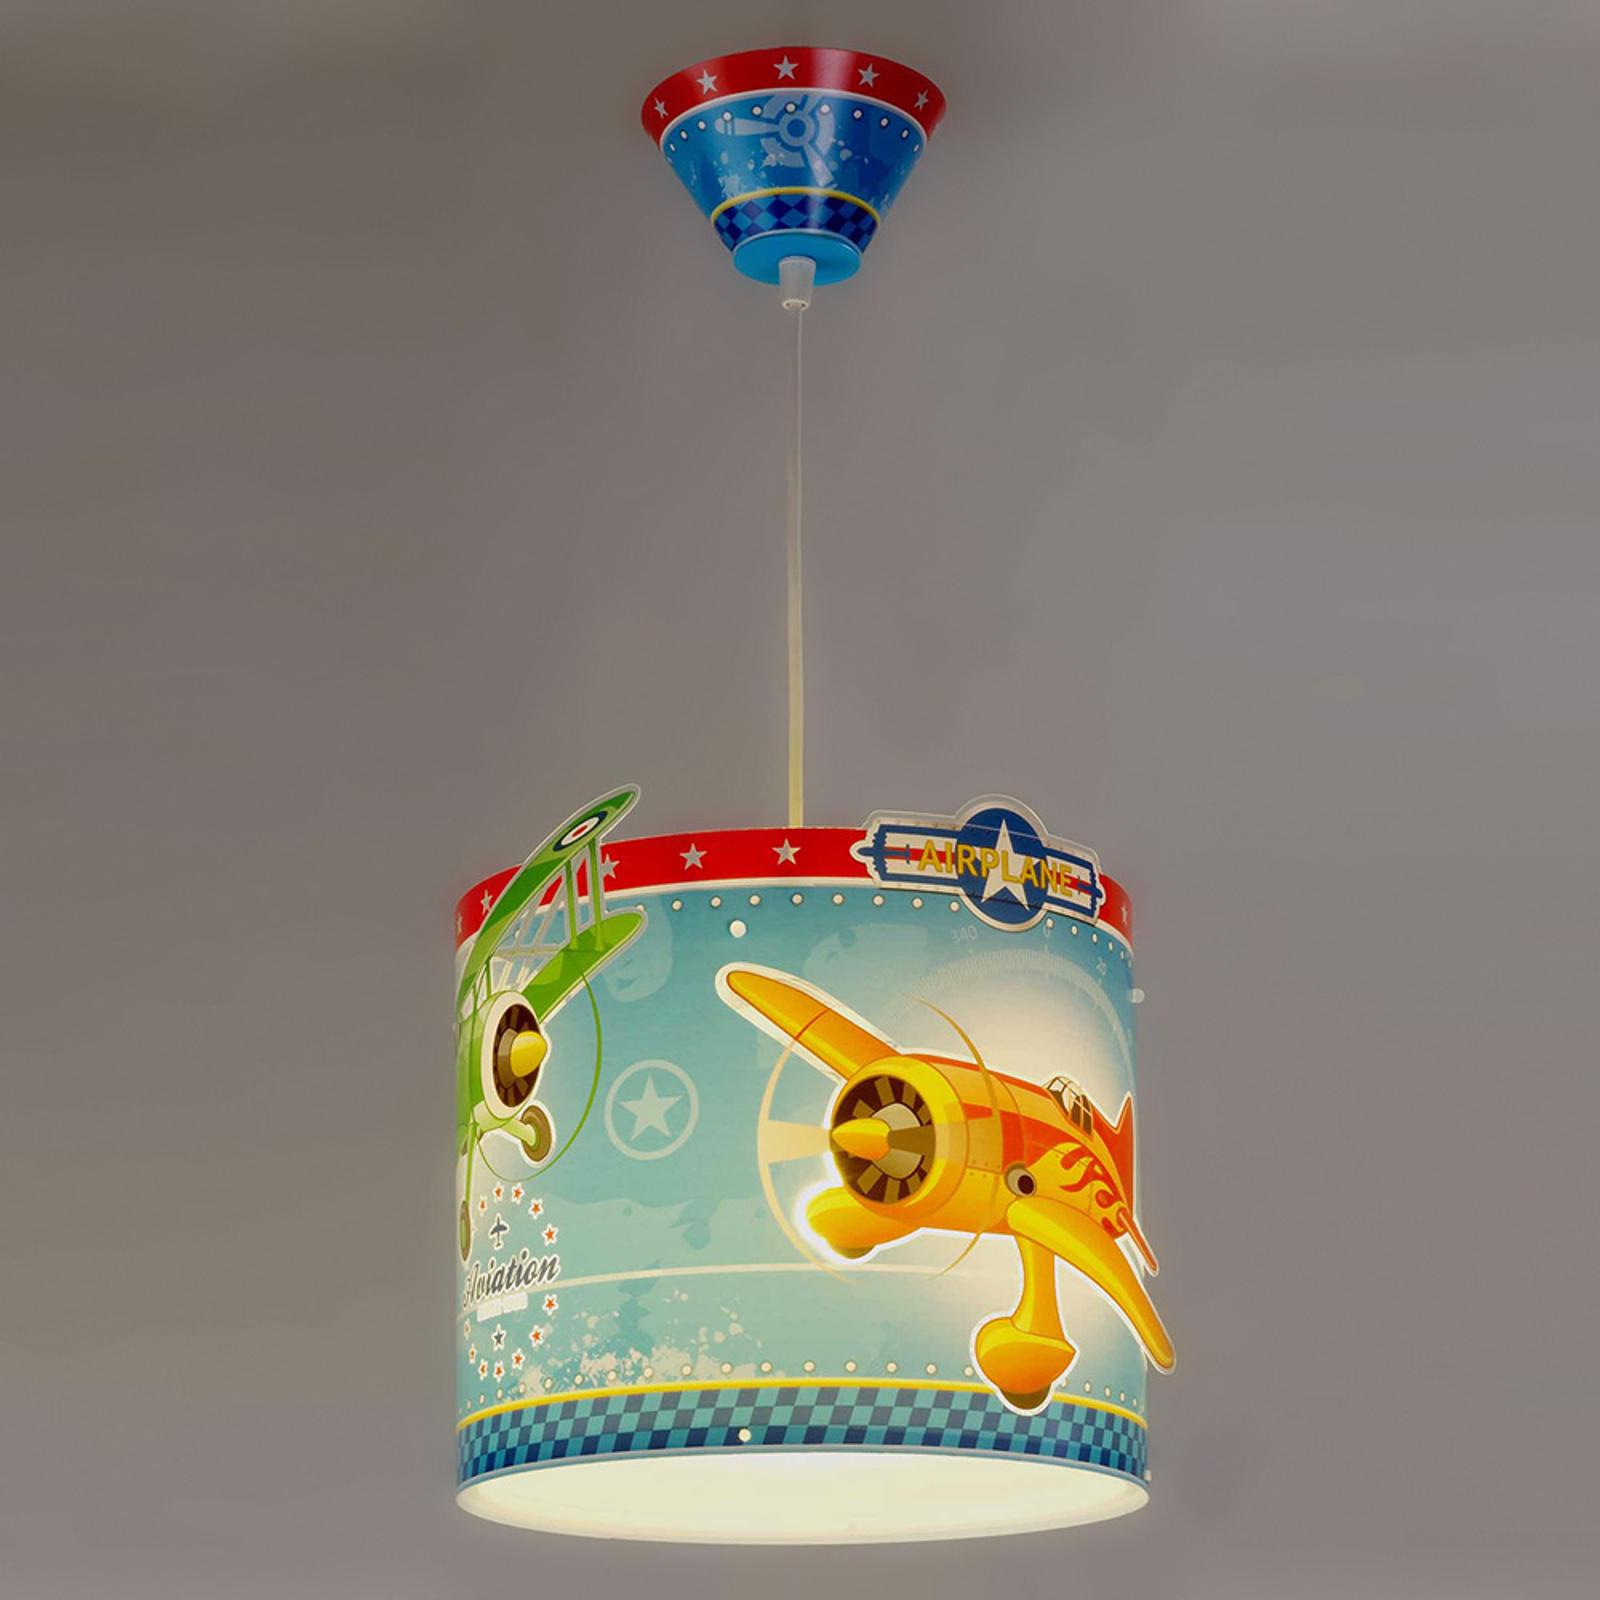 Airplane - hanglamp met vliegtuigen